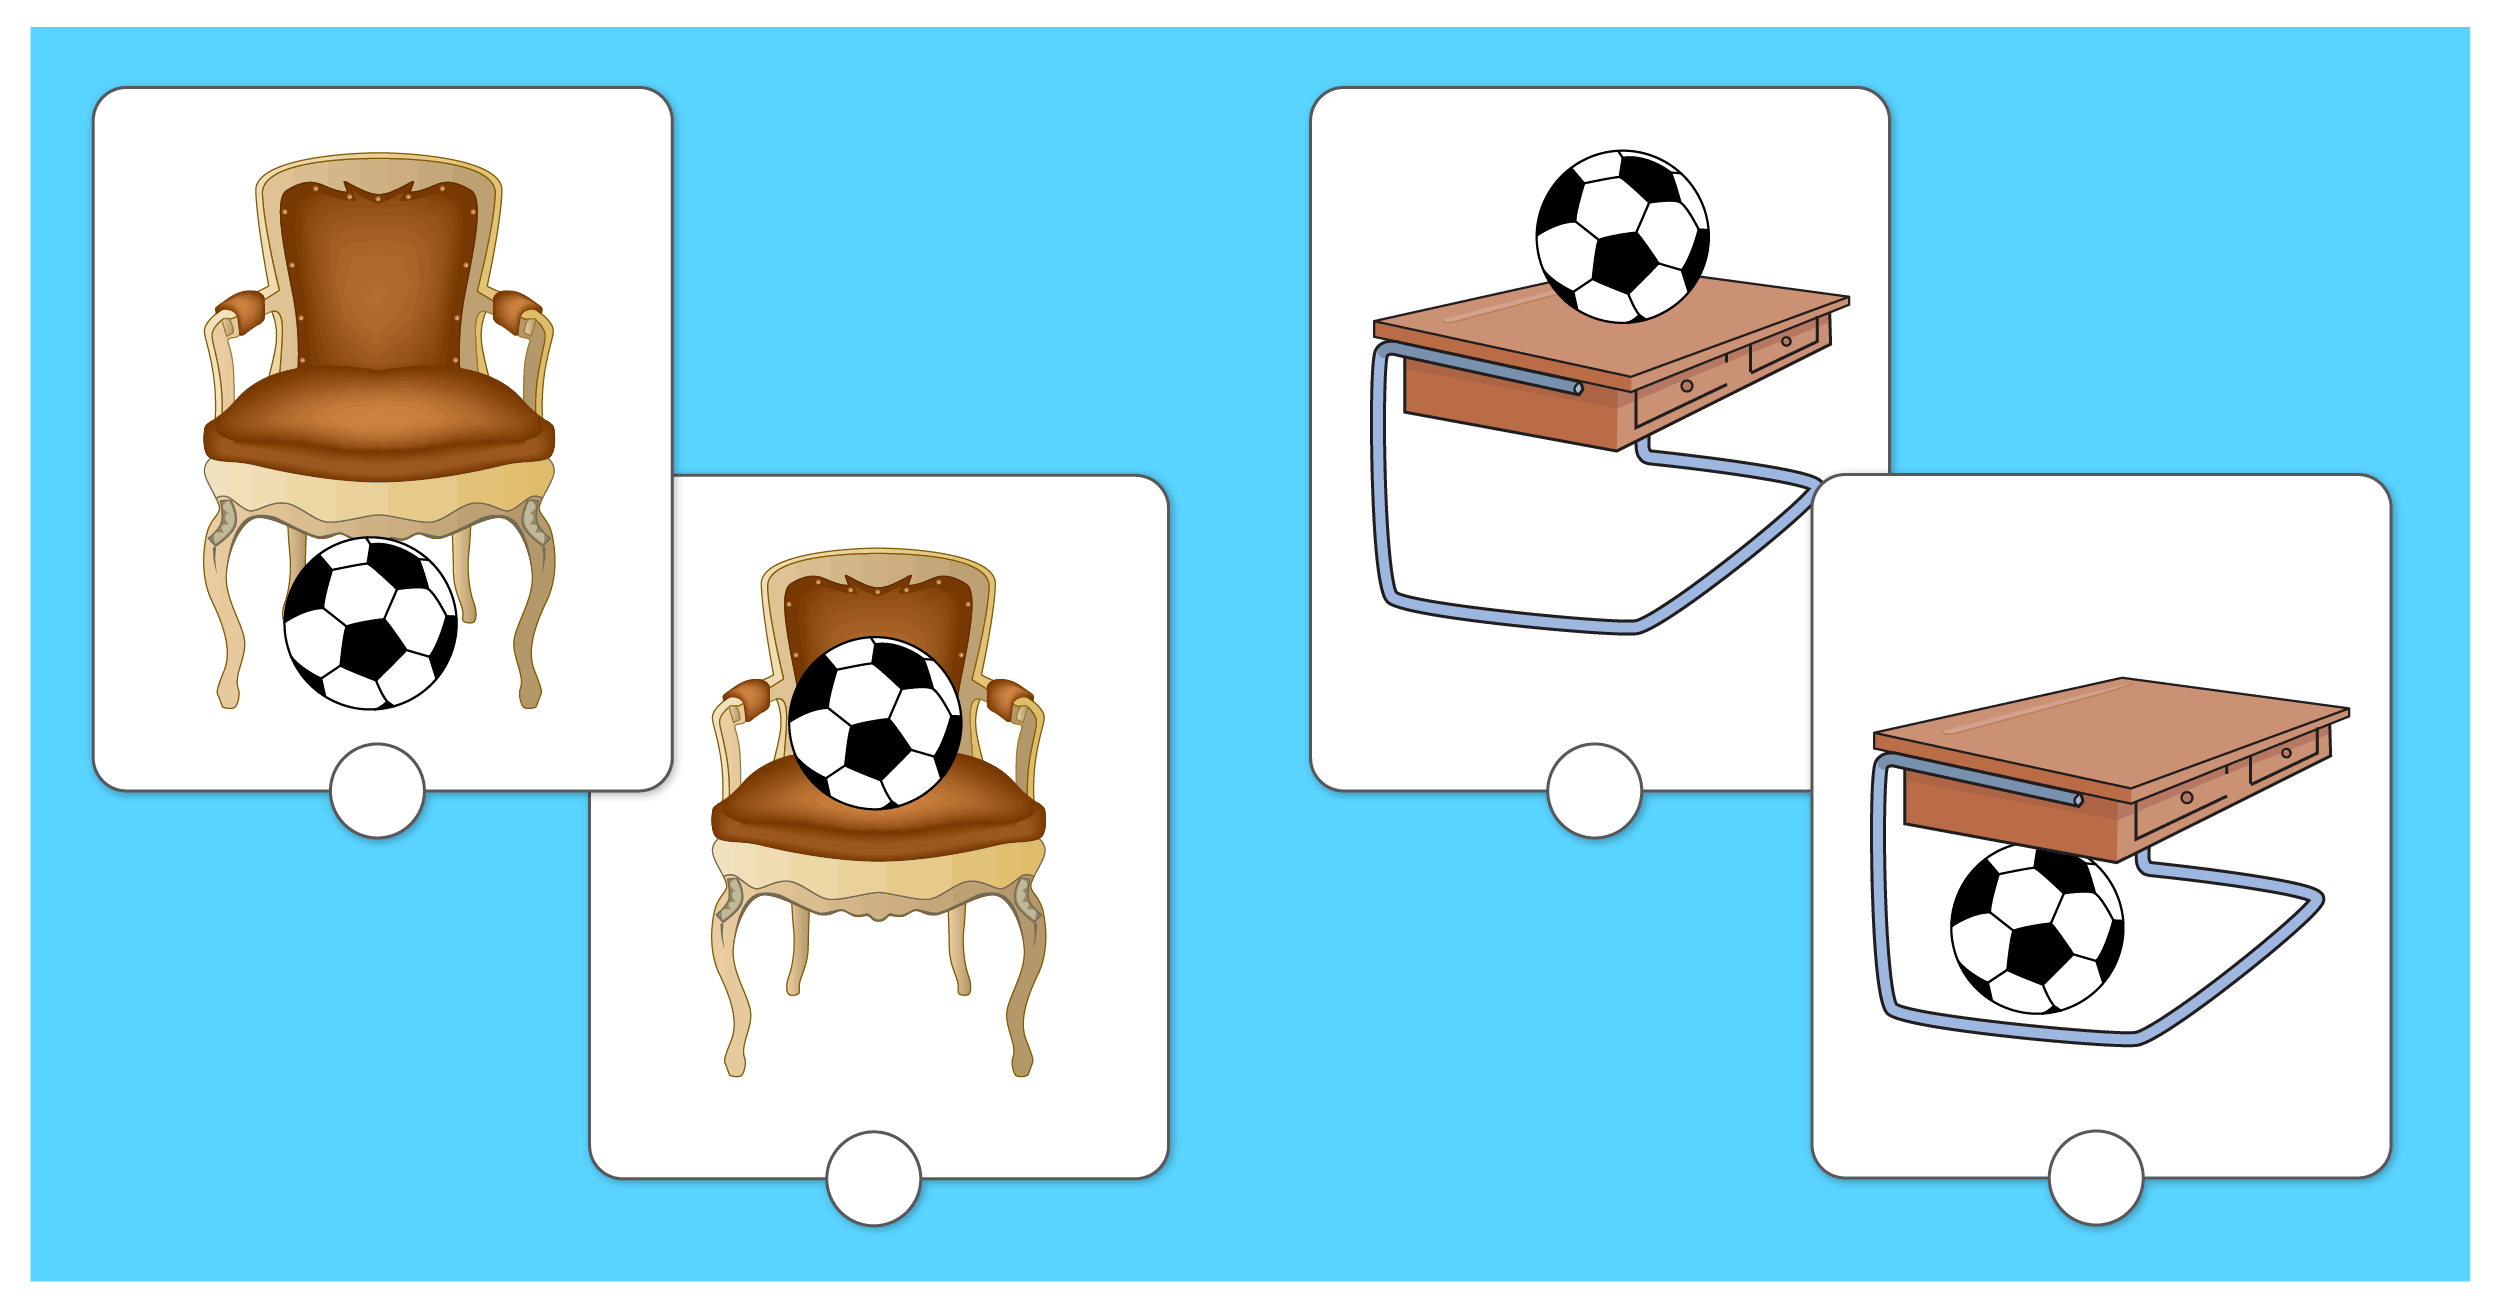 Pdf Fiches Exercices Jeux Mathématiques 3 Ans Petite Section concernant Jeux À Imprimer 3 Ans